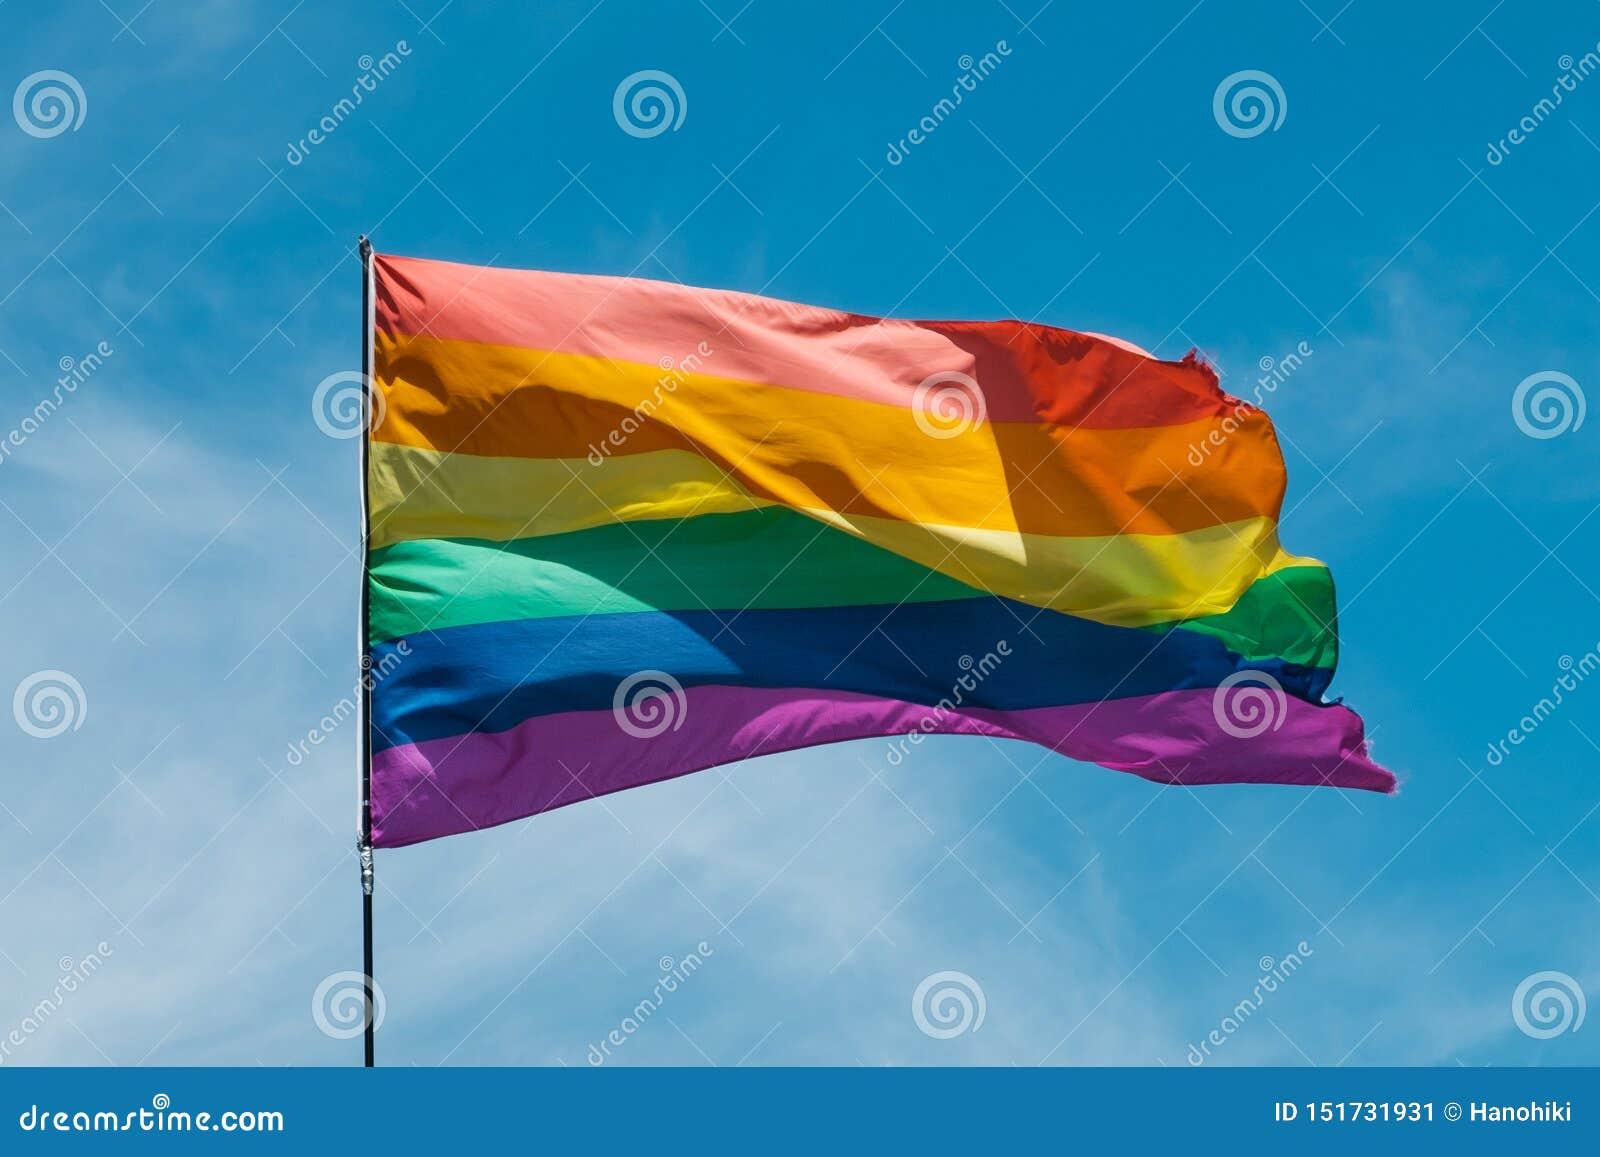 Ομοφυλοφιλική σημαία ουράνιων τόξων που κυματίζει με το υπόβαθρο μπλε ουρανού - σύμβολο της ομοφυλοφιλικής υπερηφάνειας